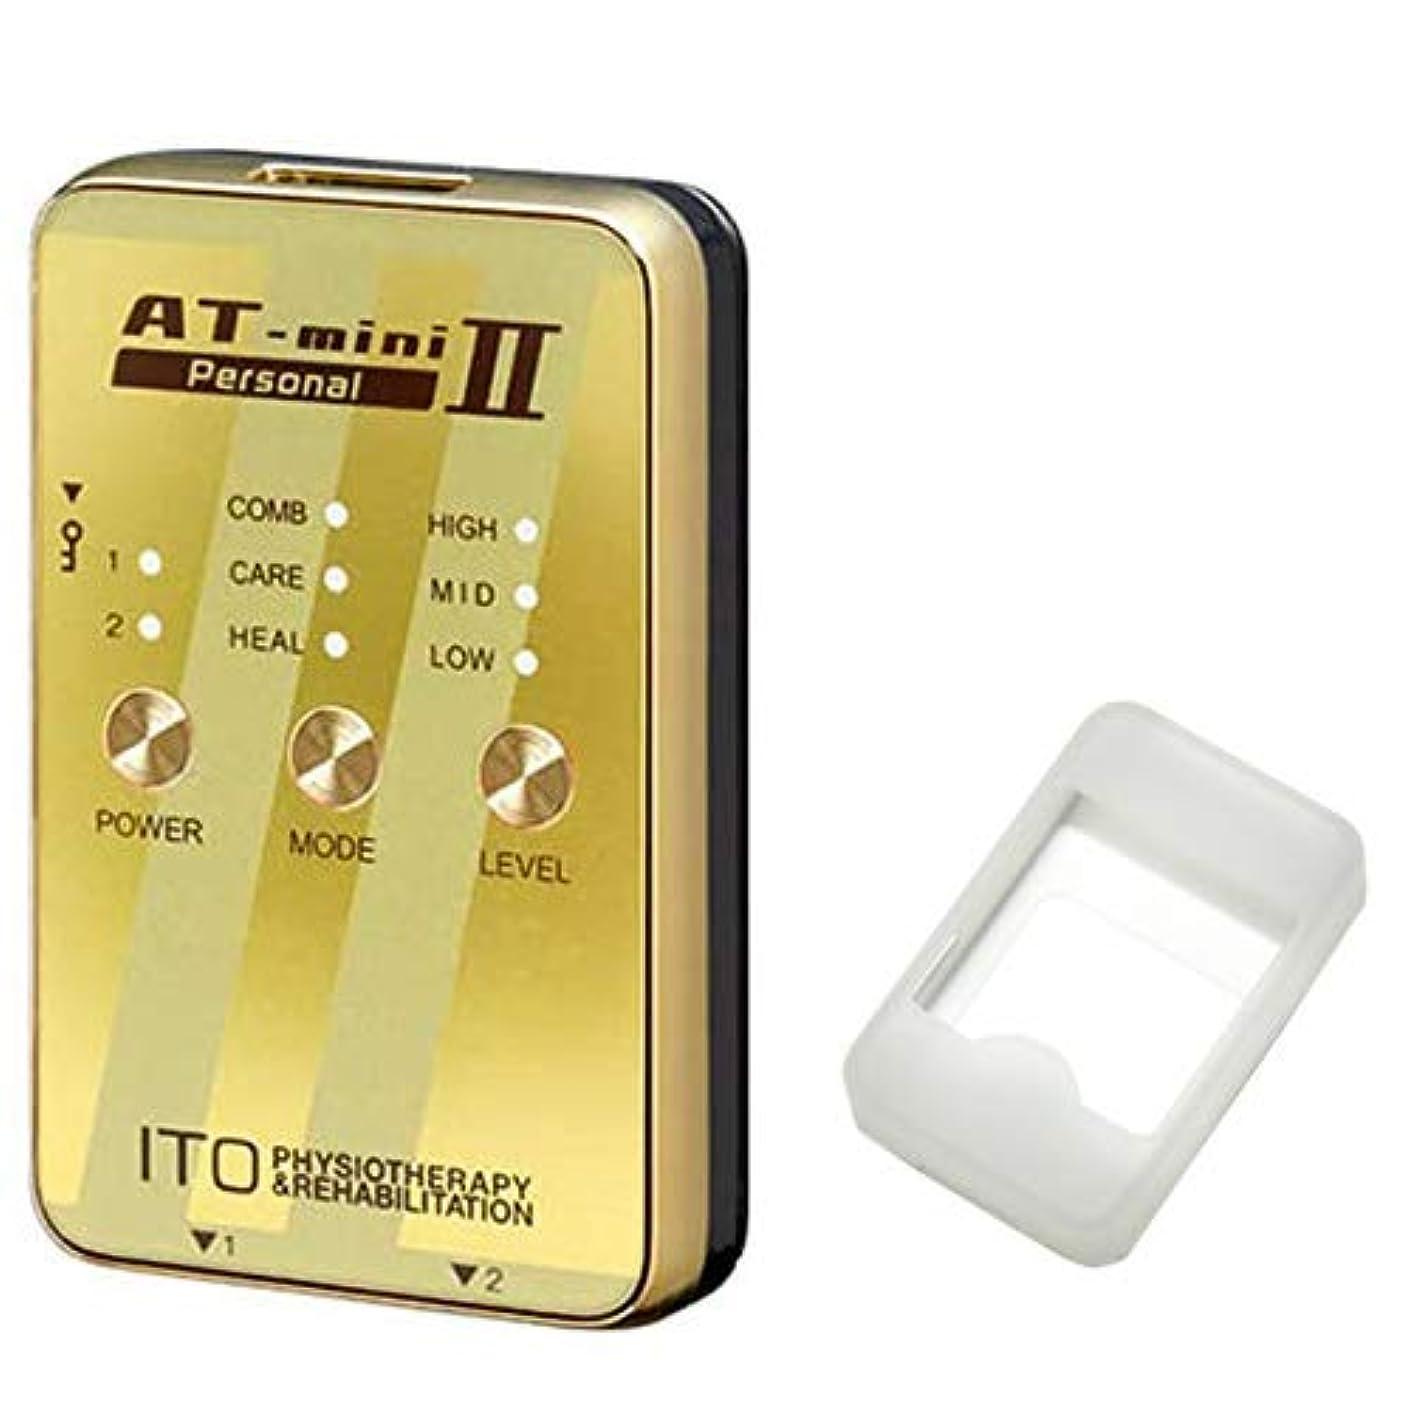 可動一月ポータブル低周波治療器 AT-mini personal II ゴールド (ATミニパーソナル2) + シリコン保護ケース